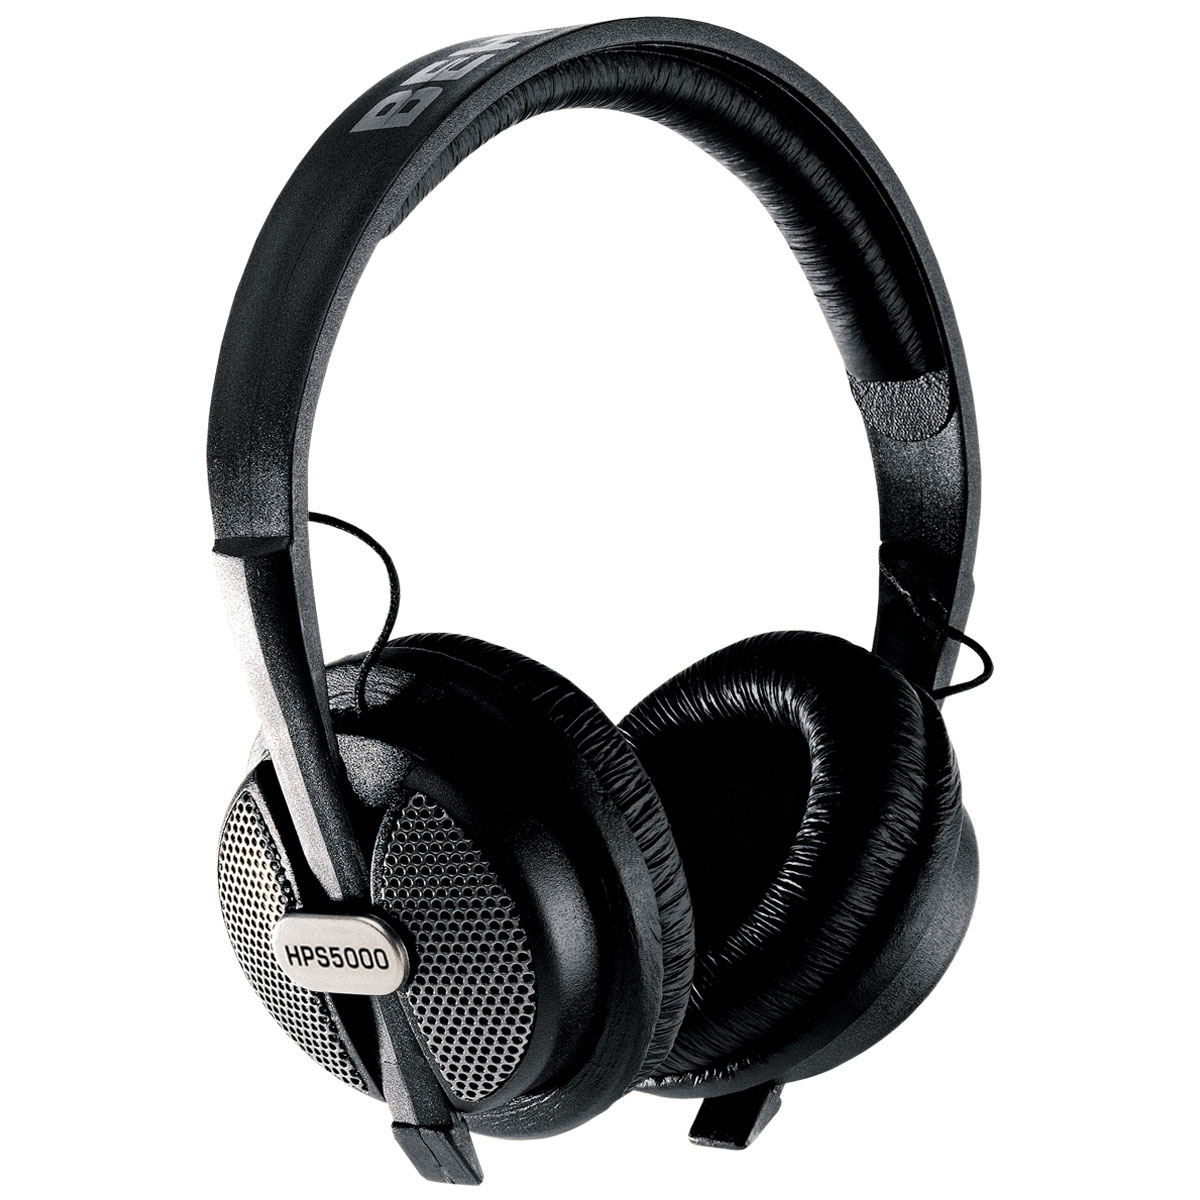 HPS5000 - Fone de Ouvido Over-ear HPS 5000 - Behringer